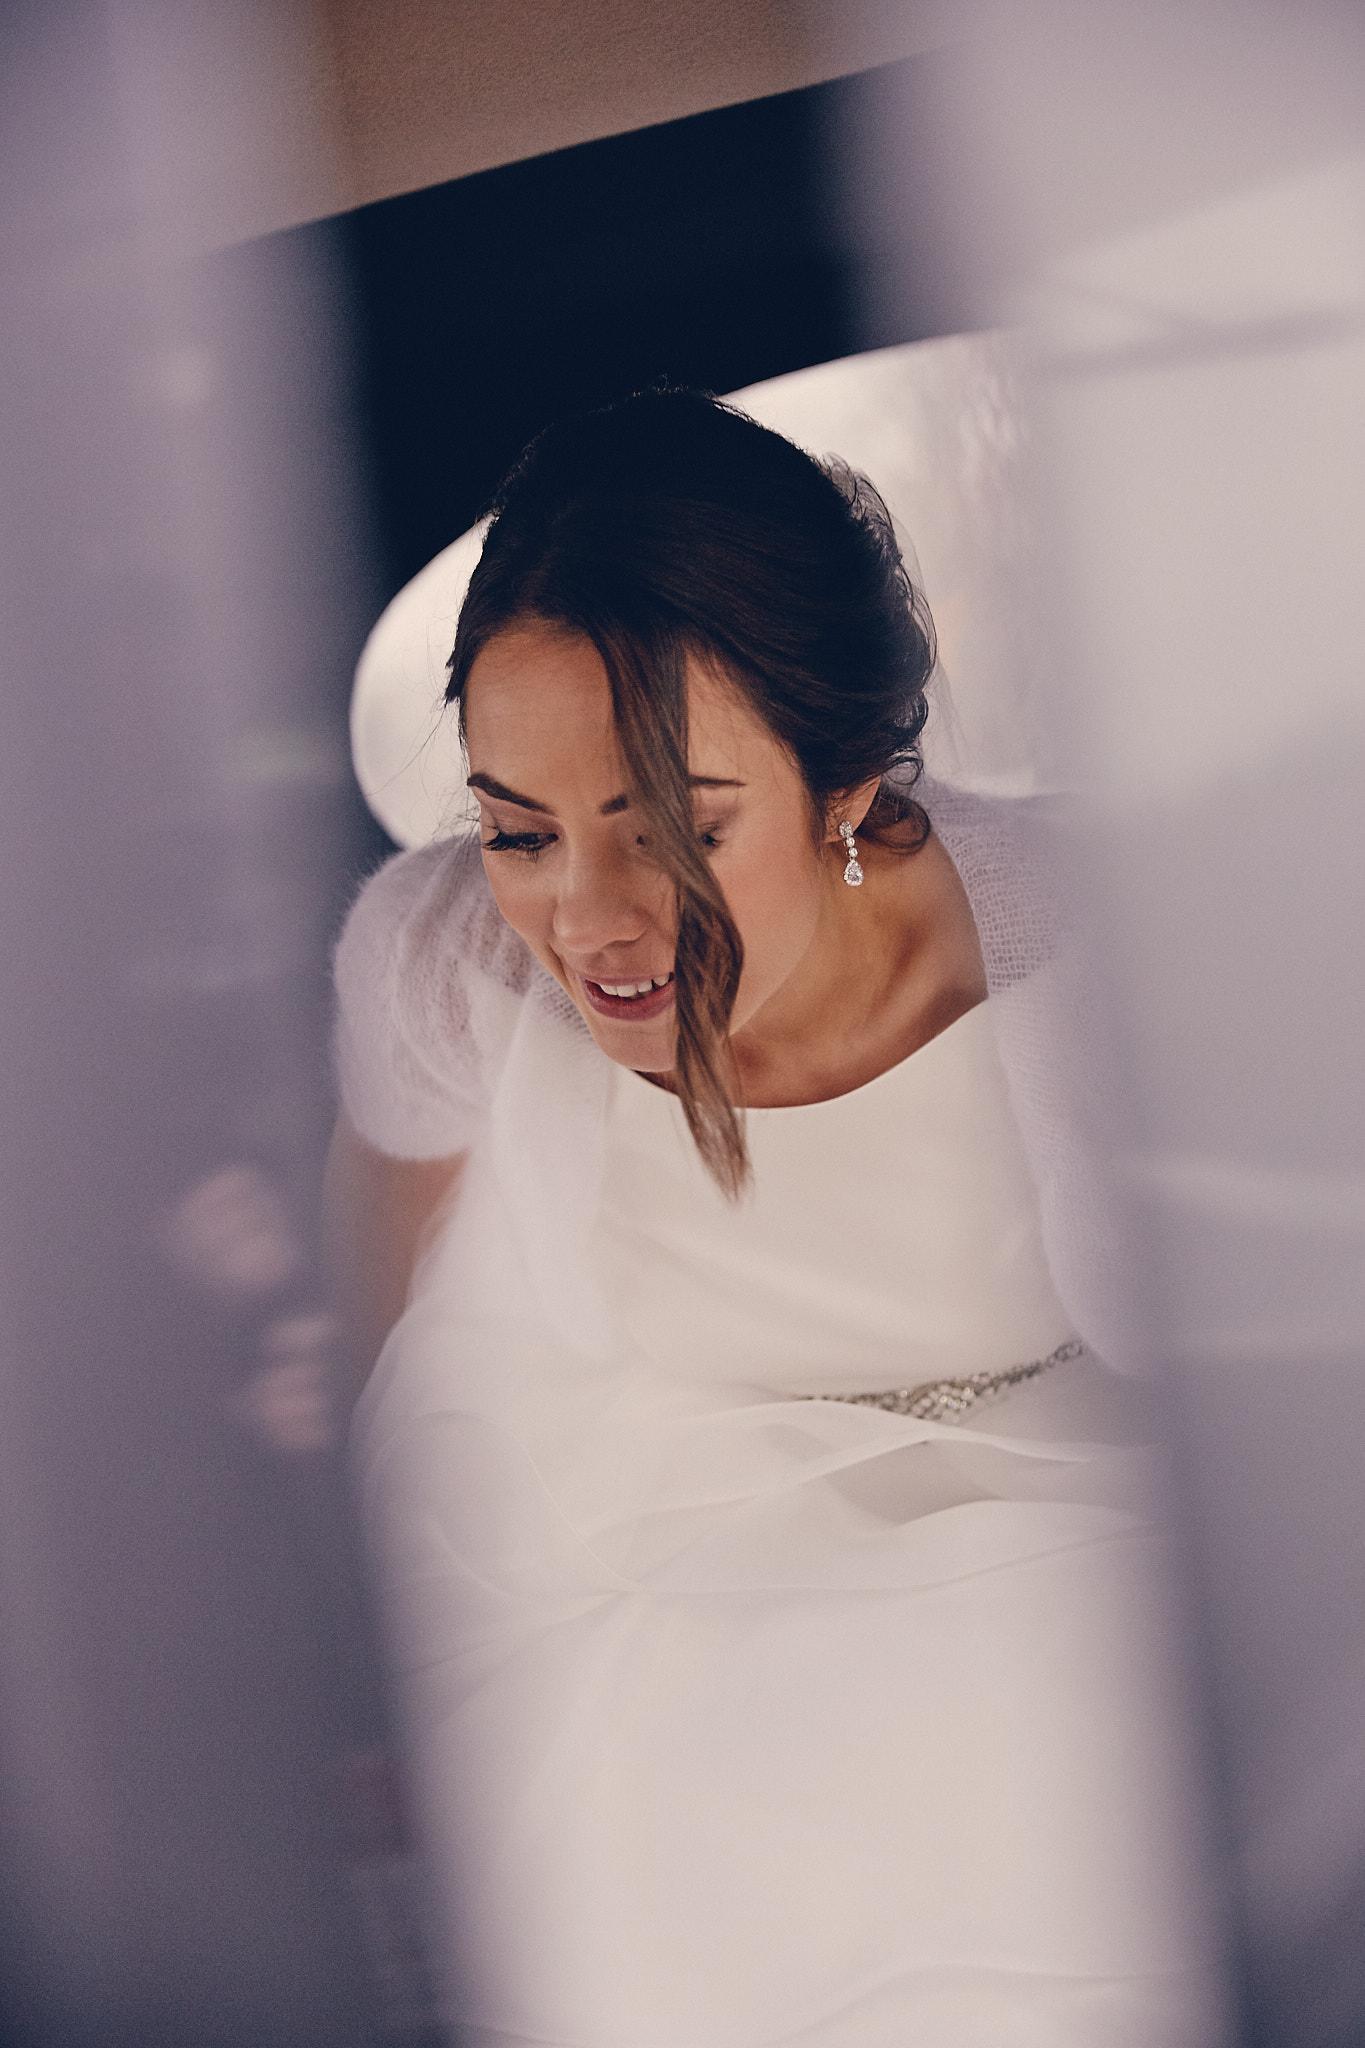 bruidsfotografie-bruifdsfotograaf-ierland-dublin-destination-trouwshoot_54.jpg